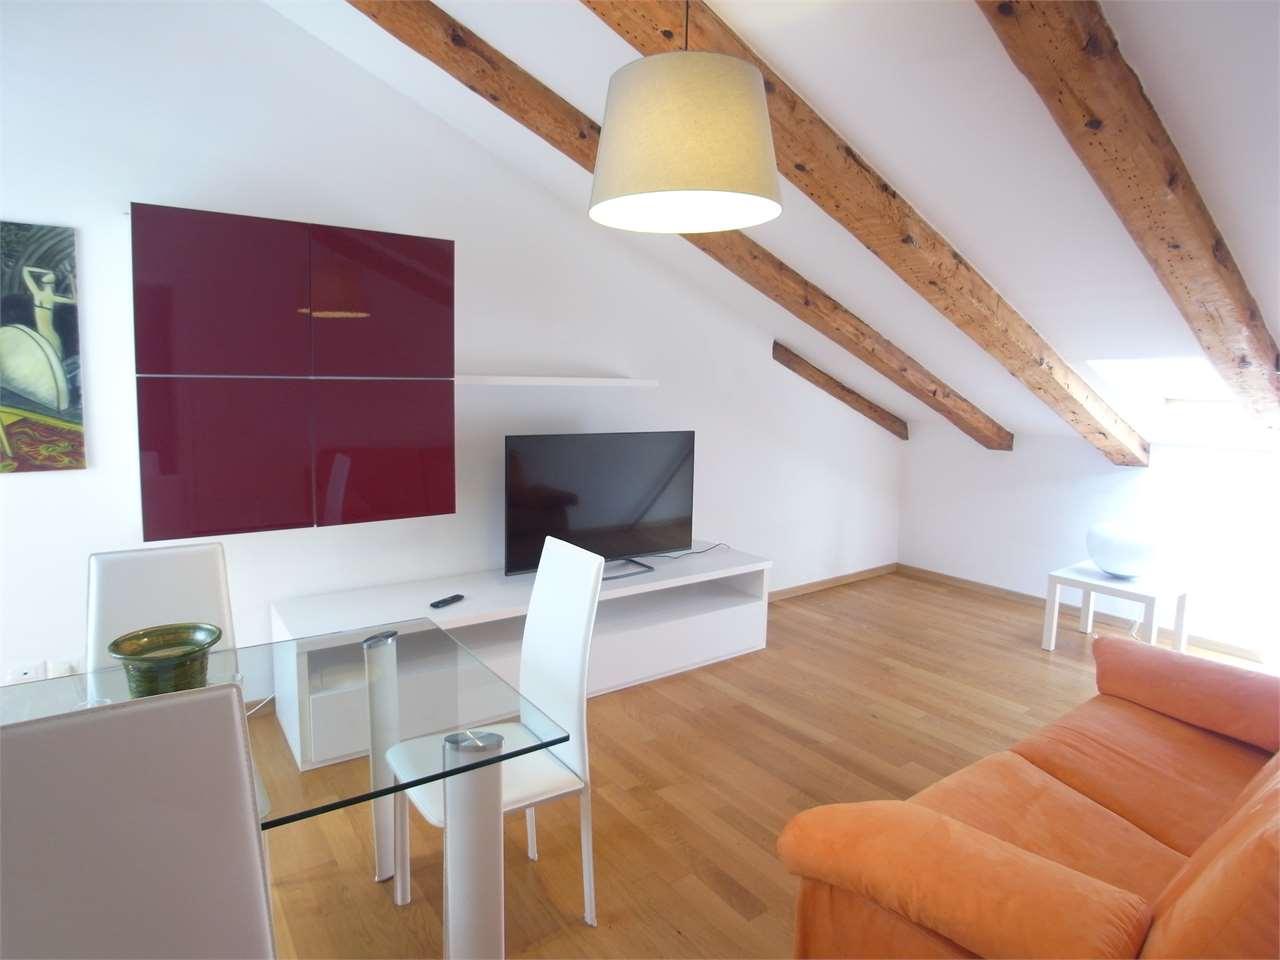 Attico / Mansarda in vendita a Trieste, 2 locali, zona ro, prezzo € 145.000 | PortaleAgenzieImmobiliari.it